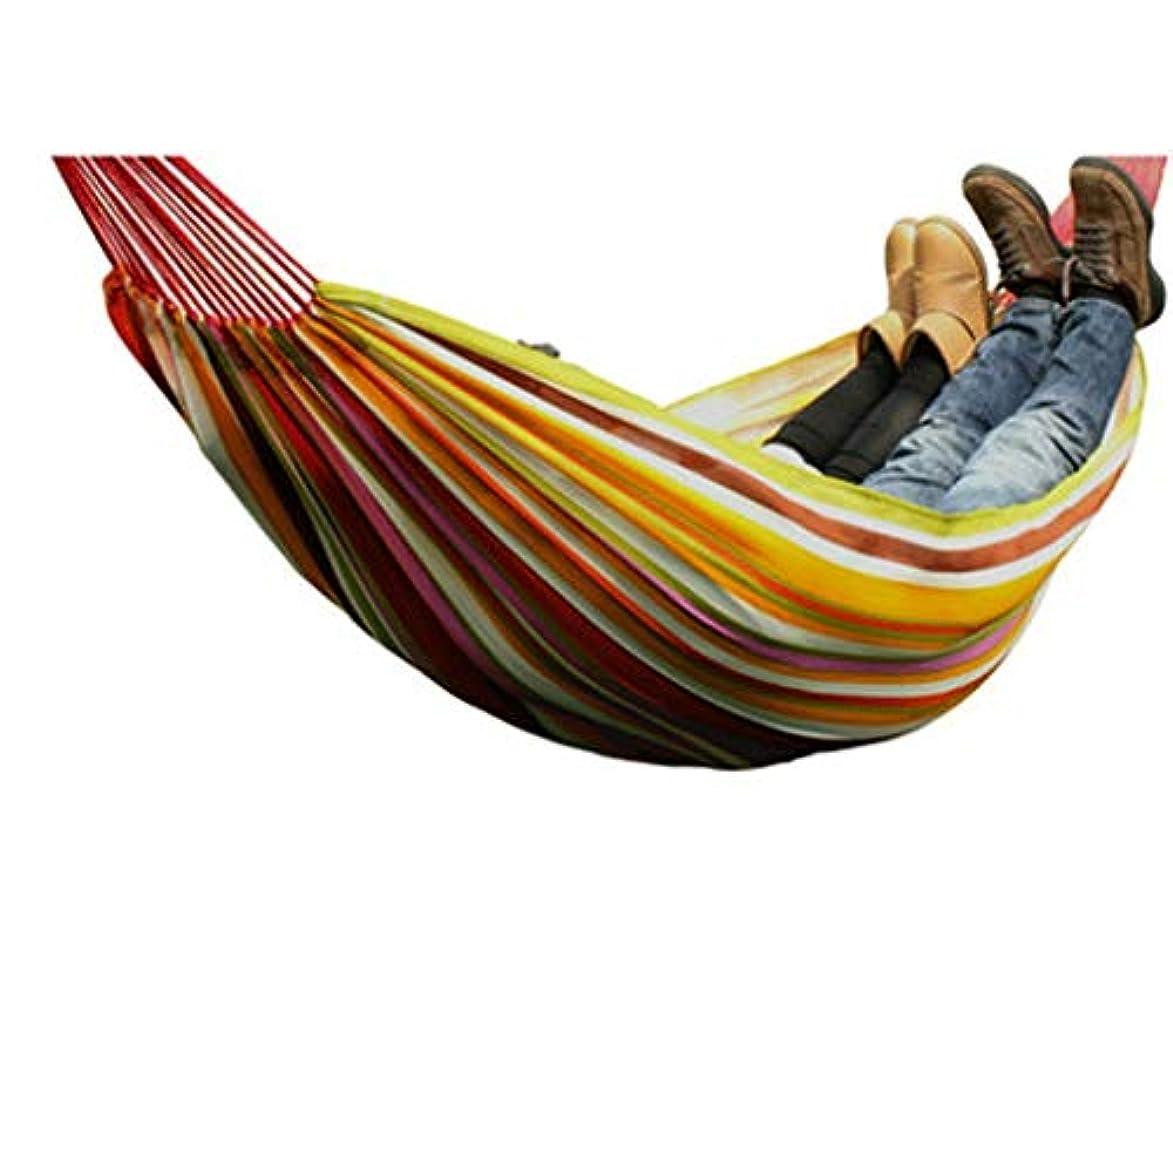 上流の病パイロットハンモック屋外アンチロールオーバー子供大人寝室学生寮バルコニー公園スイングハンモック (Color : A, Size : 200*150cm)